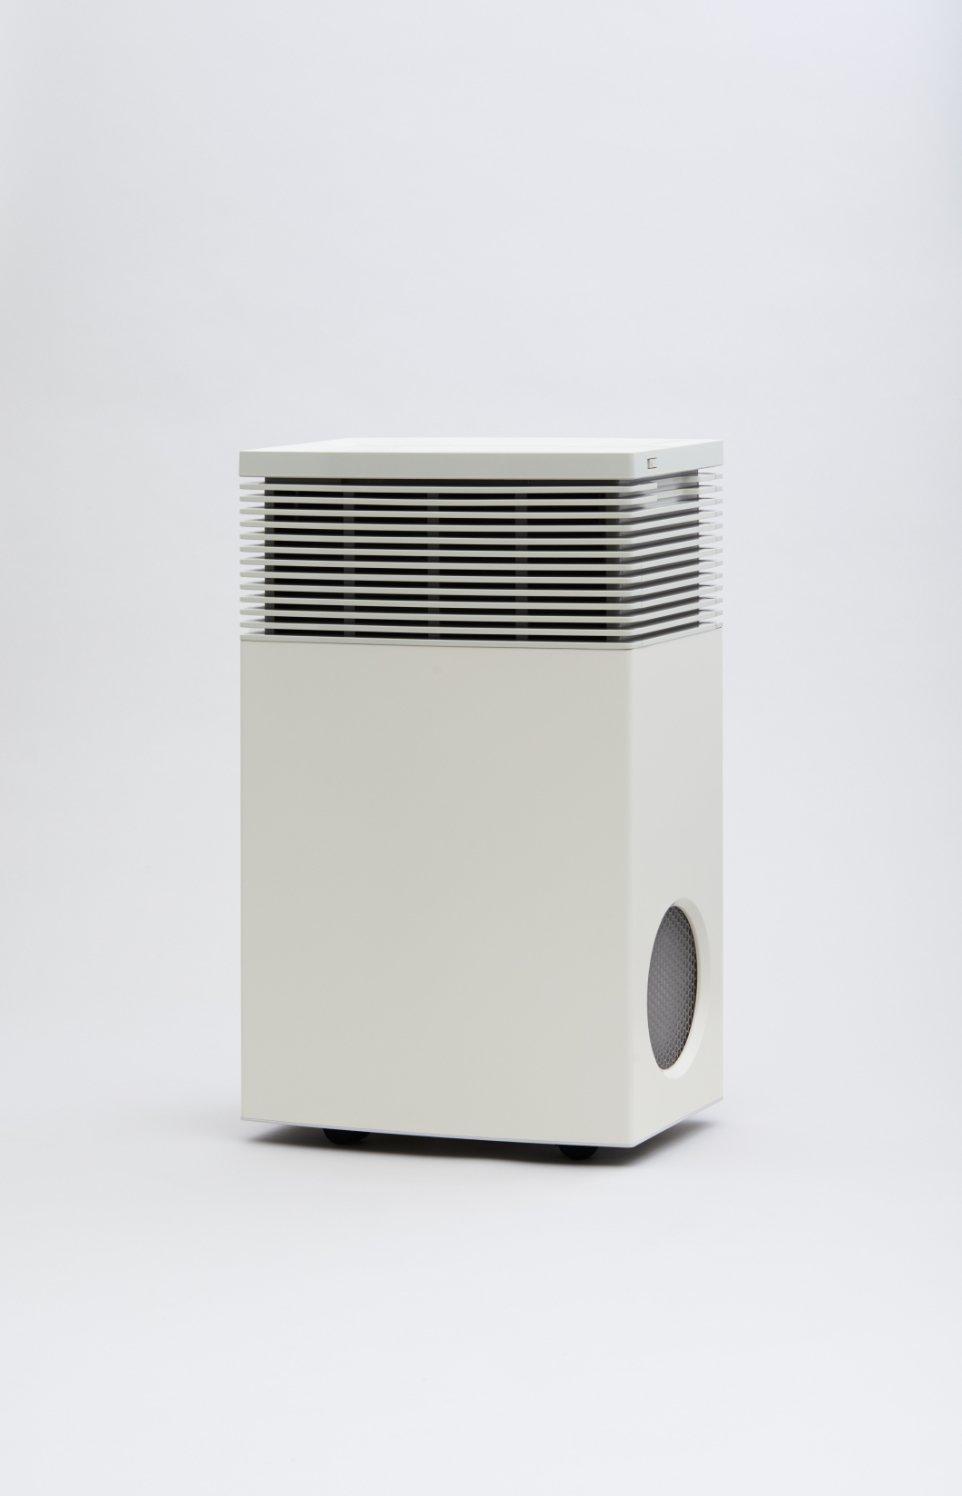 cado International Air purifier, Humidifier, Air